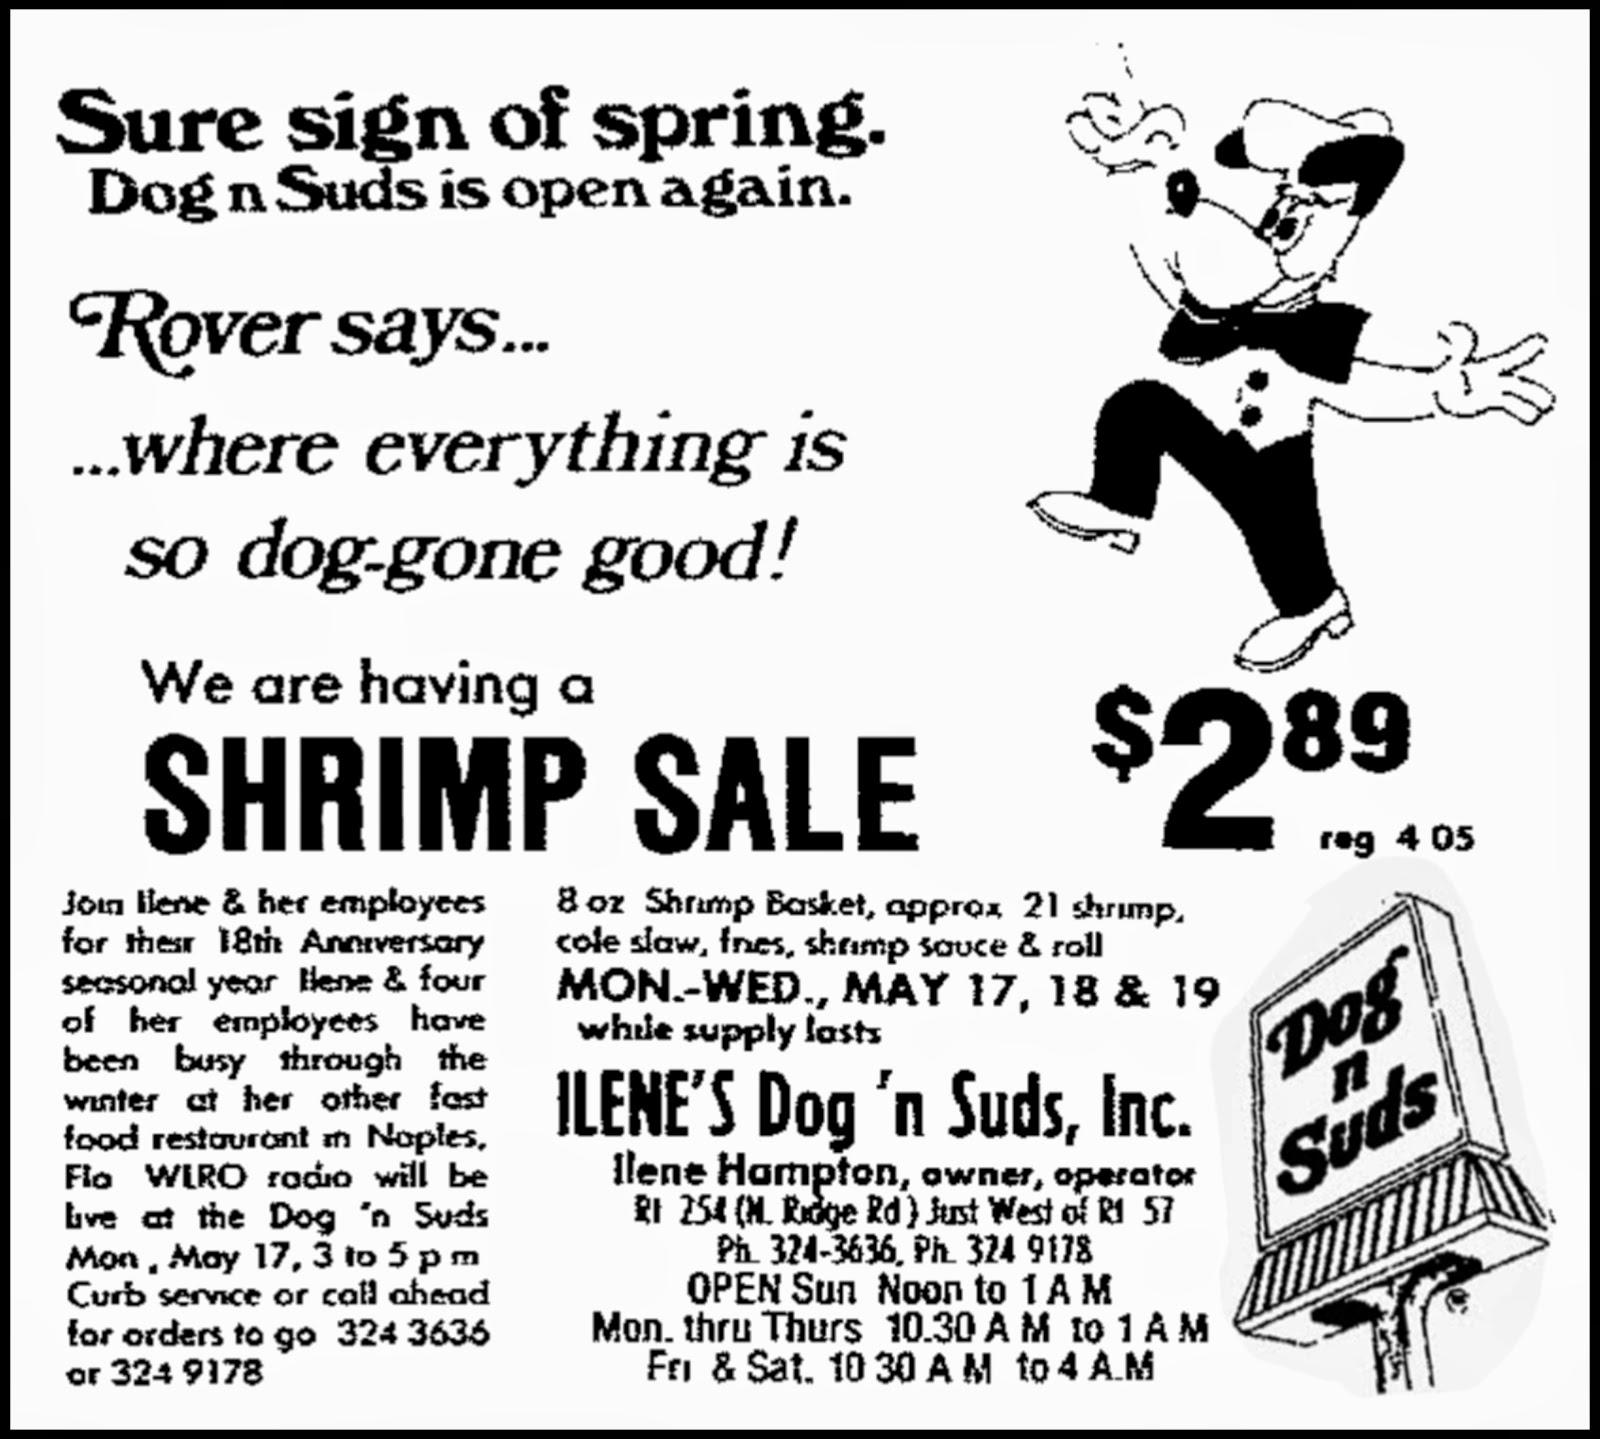 Brady's Bunch of Lorain County Nostalgia: It's Dog 'n Suds